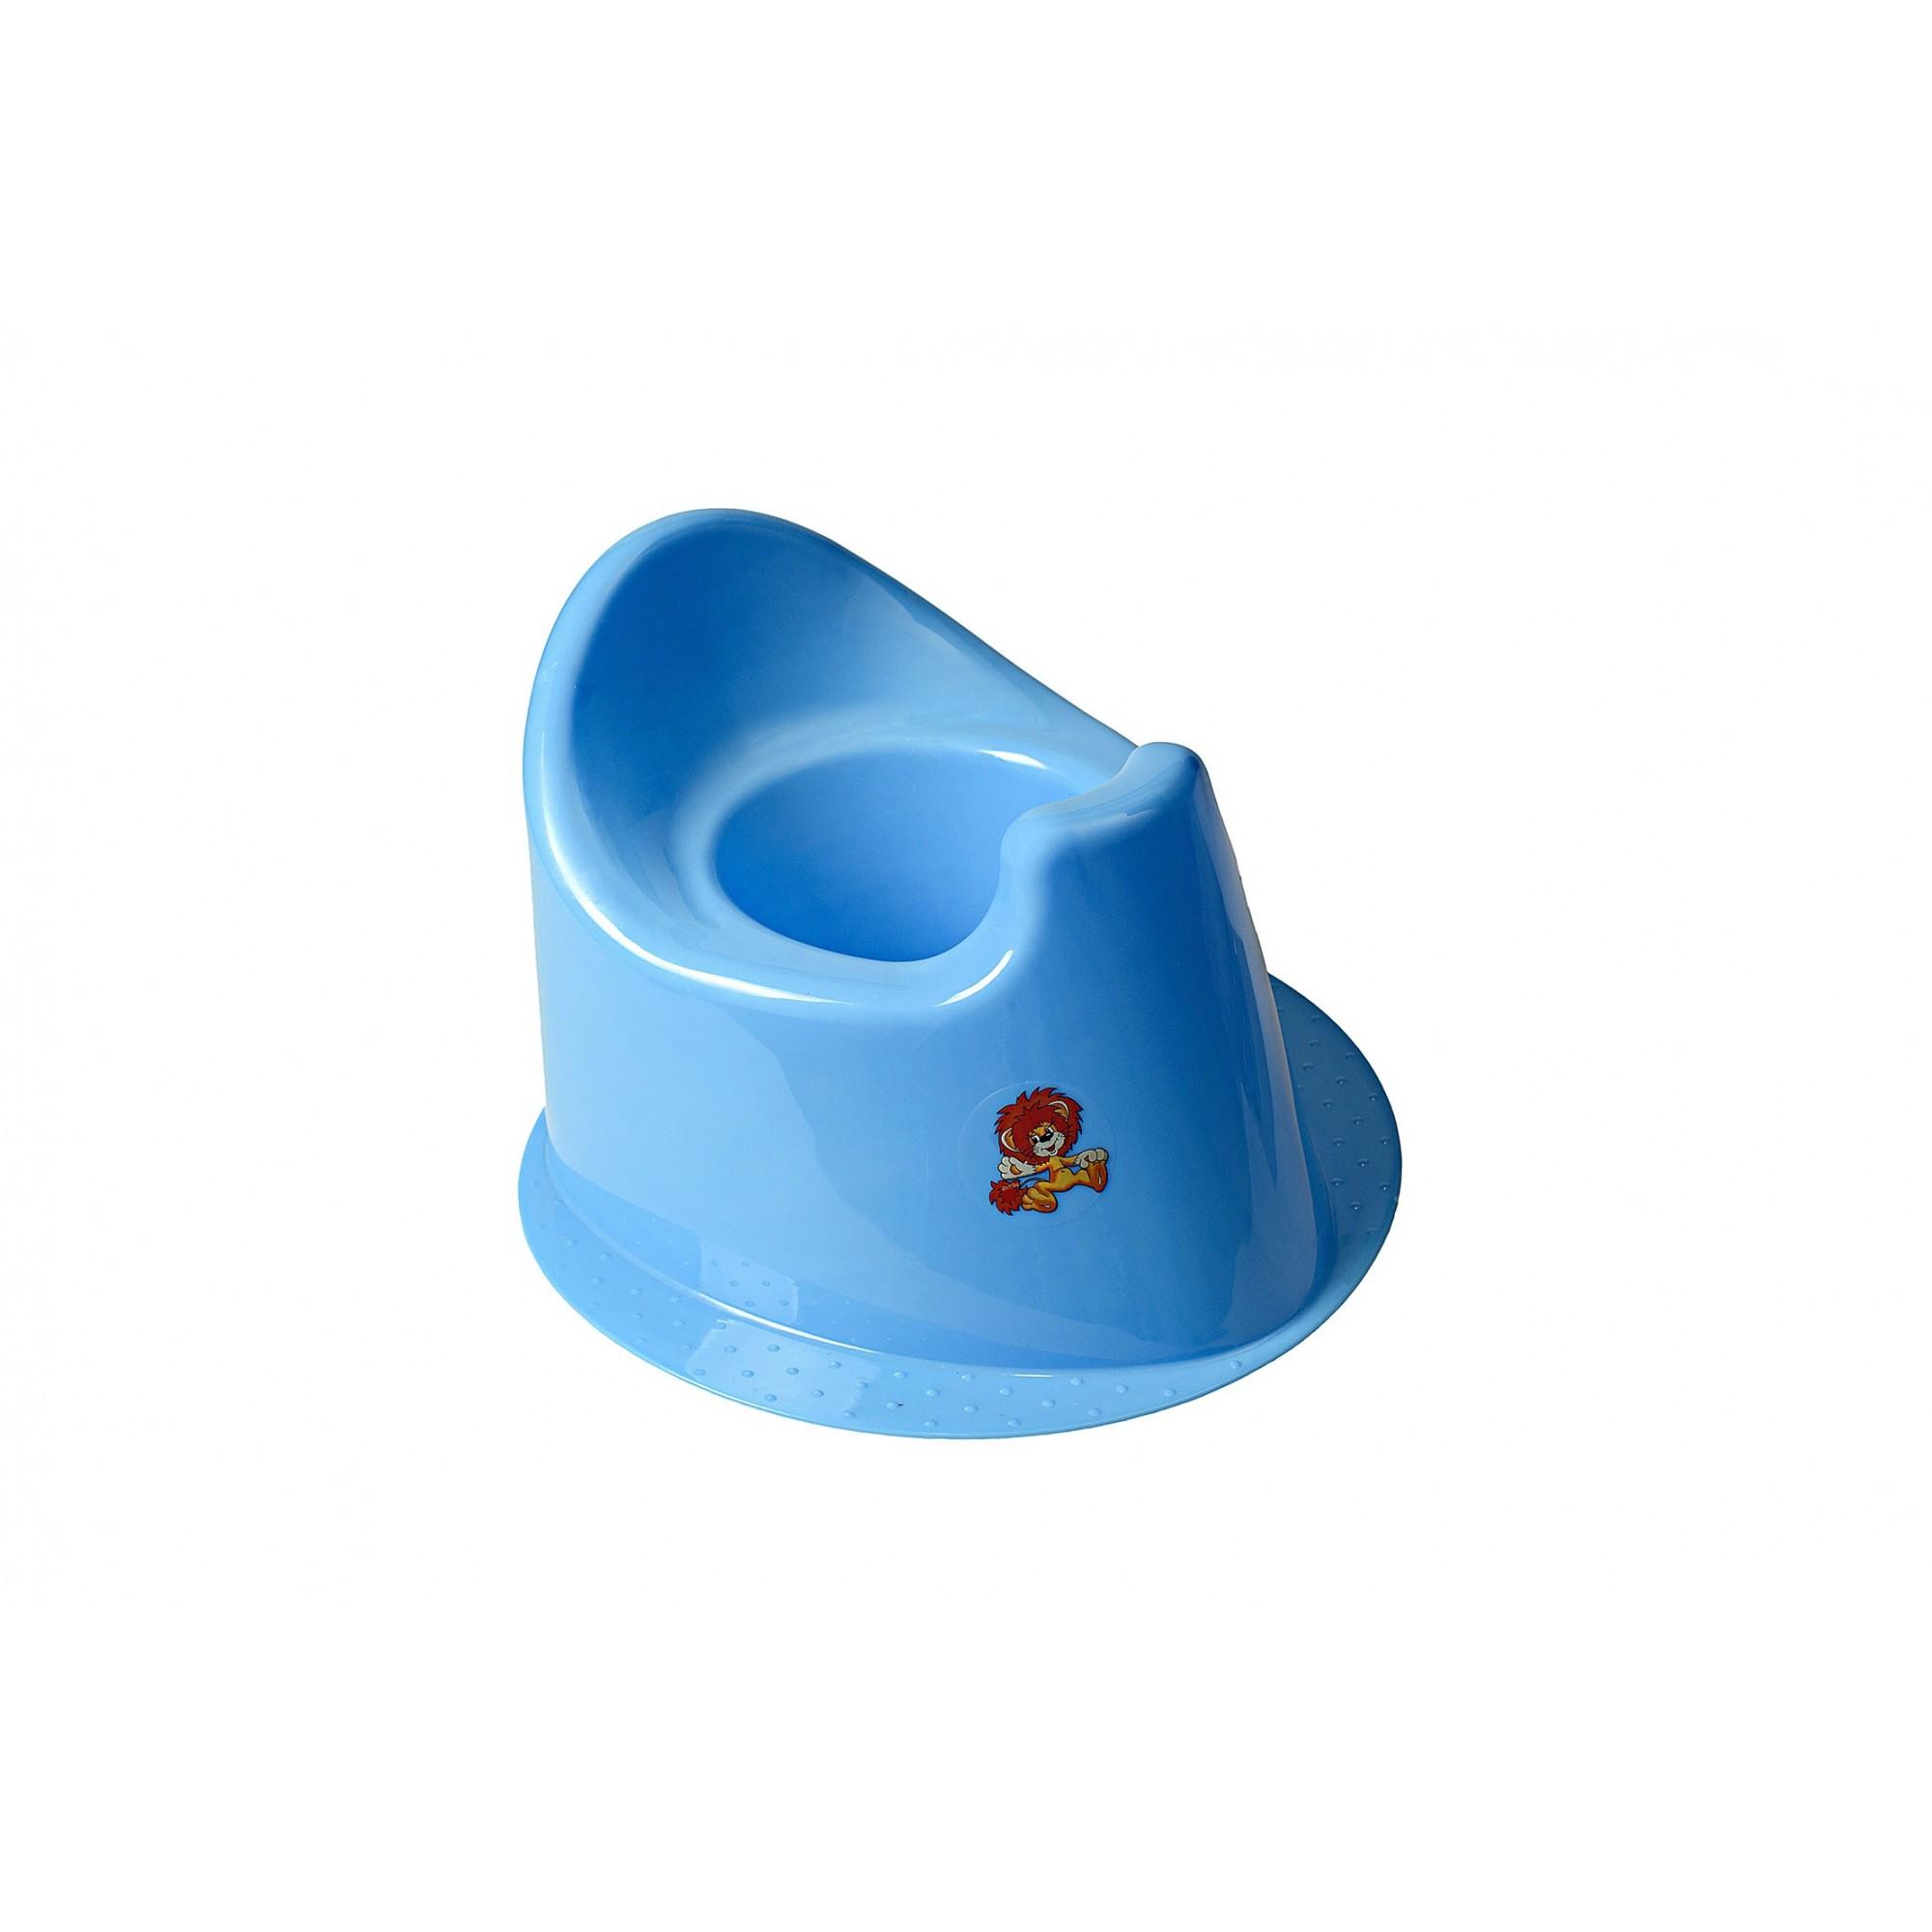 Детский горшок с крышкой SYDANIT МУЛЬТИК синий SYDANIT - 1